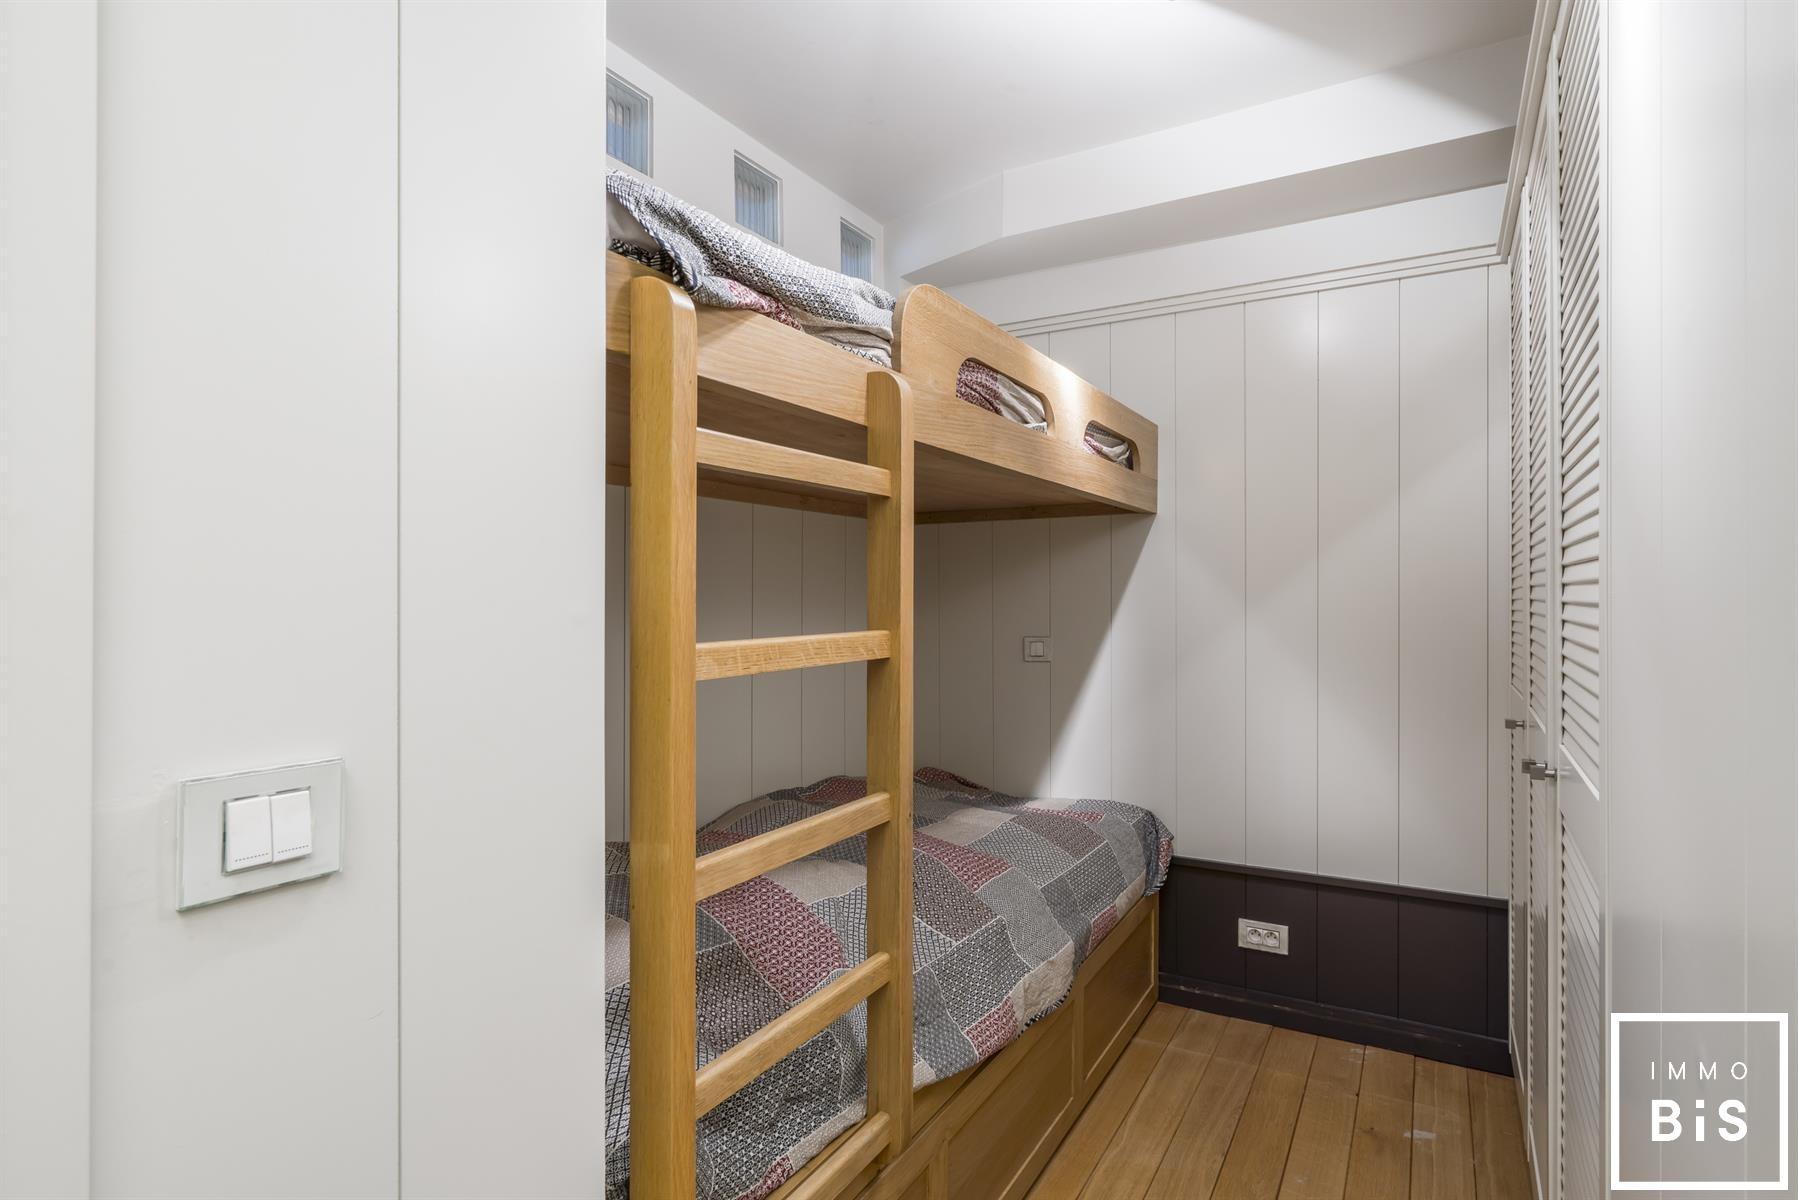 3 slk appartement in het Zoute  10